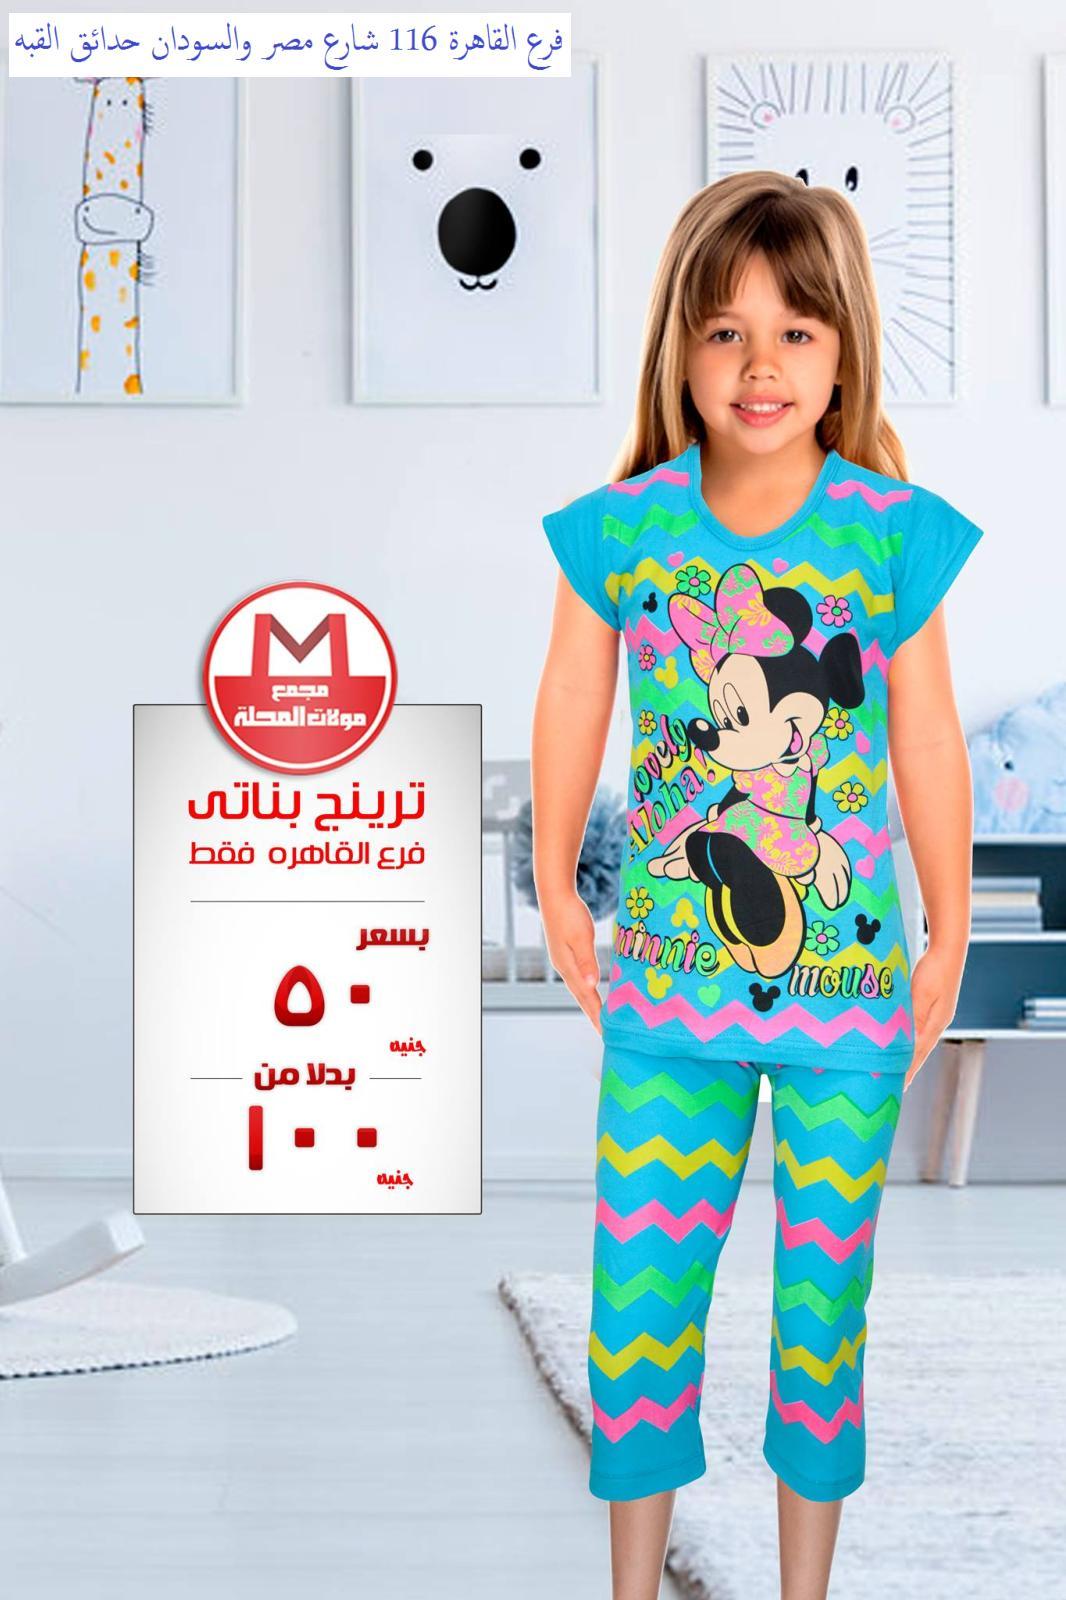 8cdcf84de68db عروض مجمع مولات المحلة القاهرة ملابس الاطفال من 15-4-2018